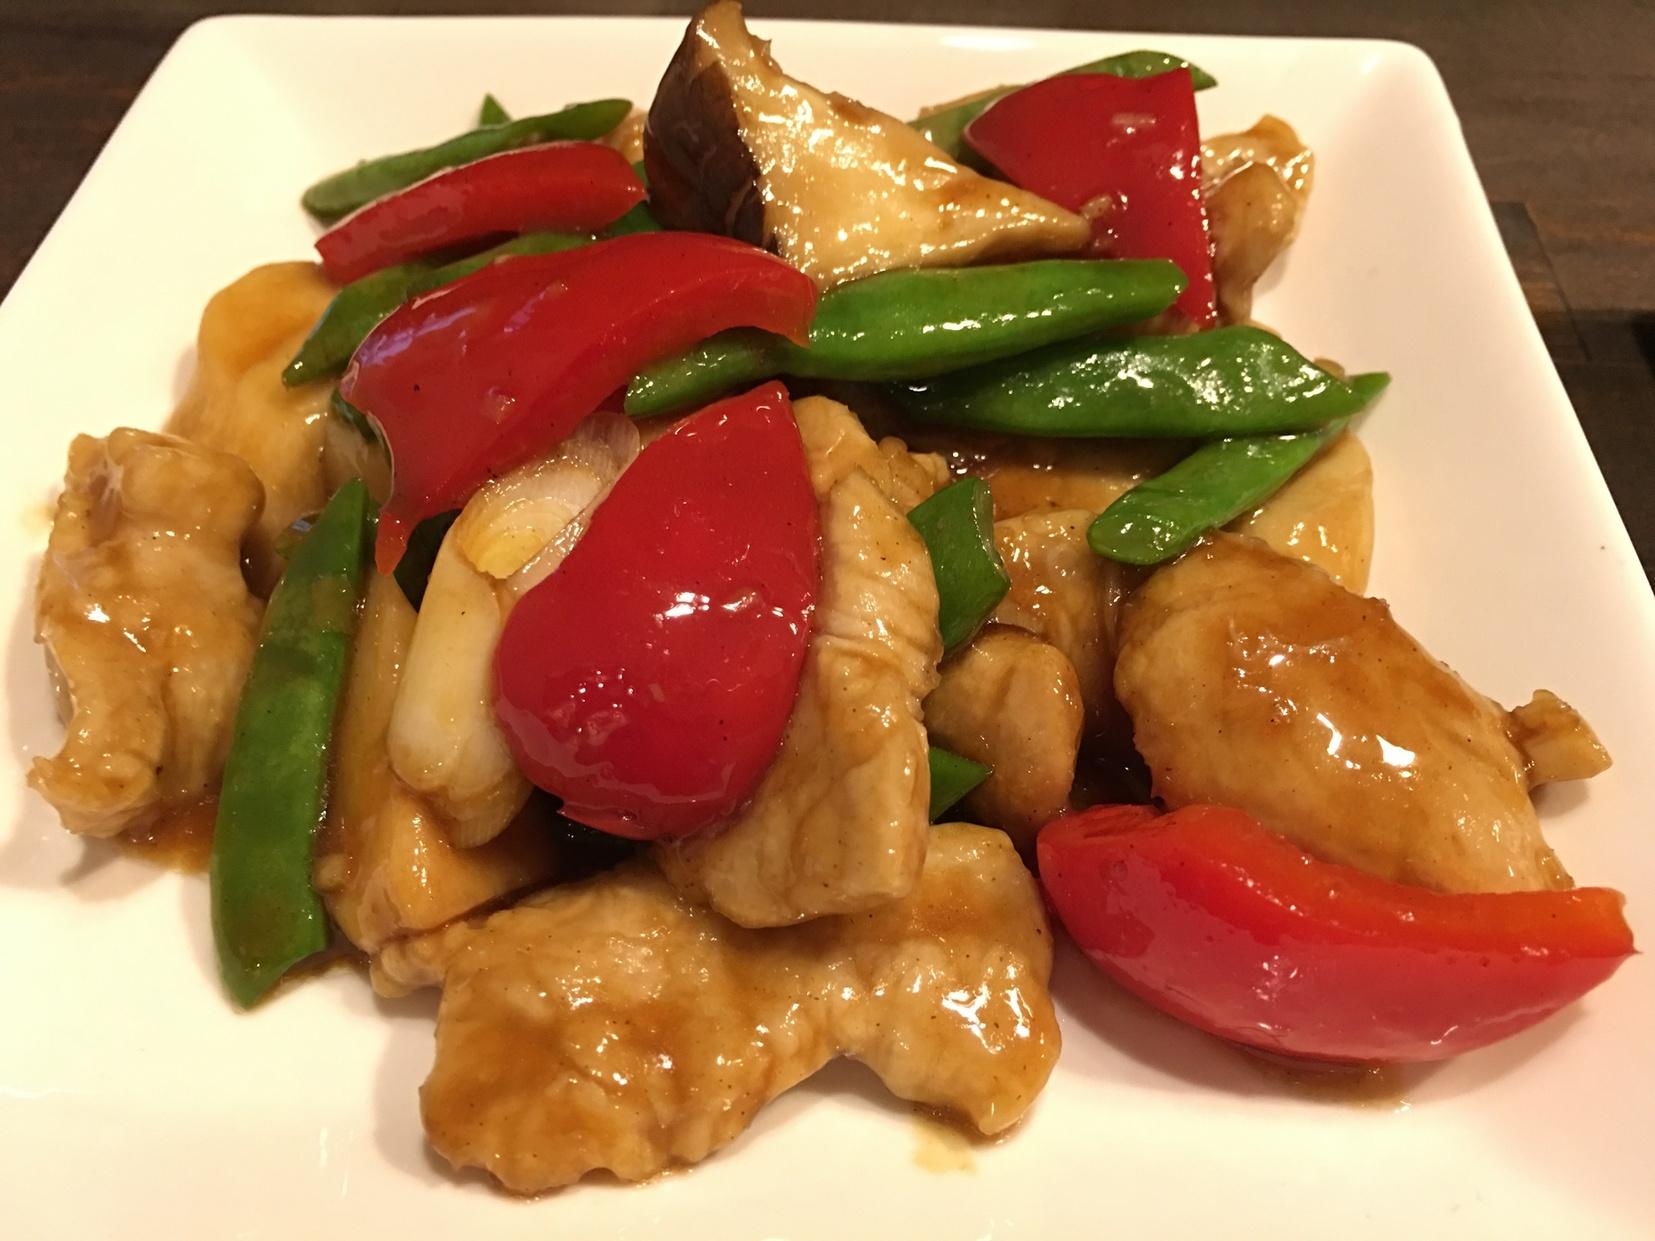 蠔油炒肉片(豚肉のオイスターソース炒め)